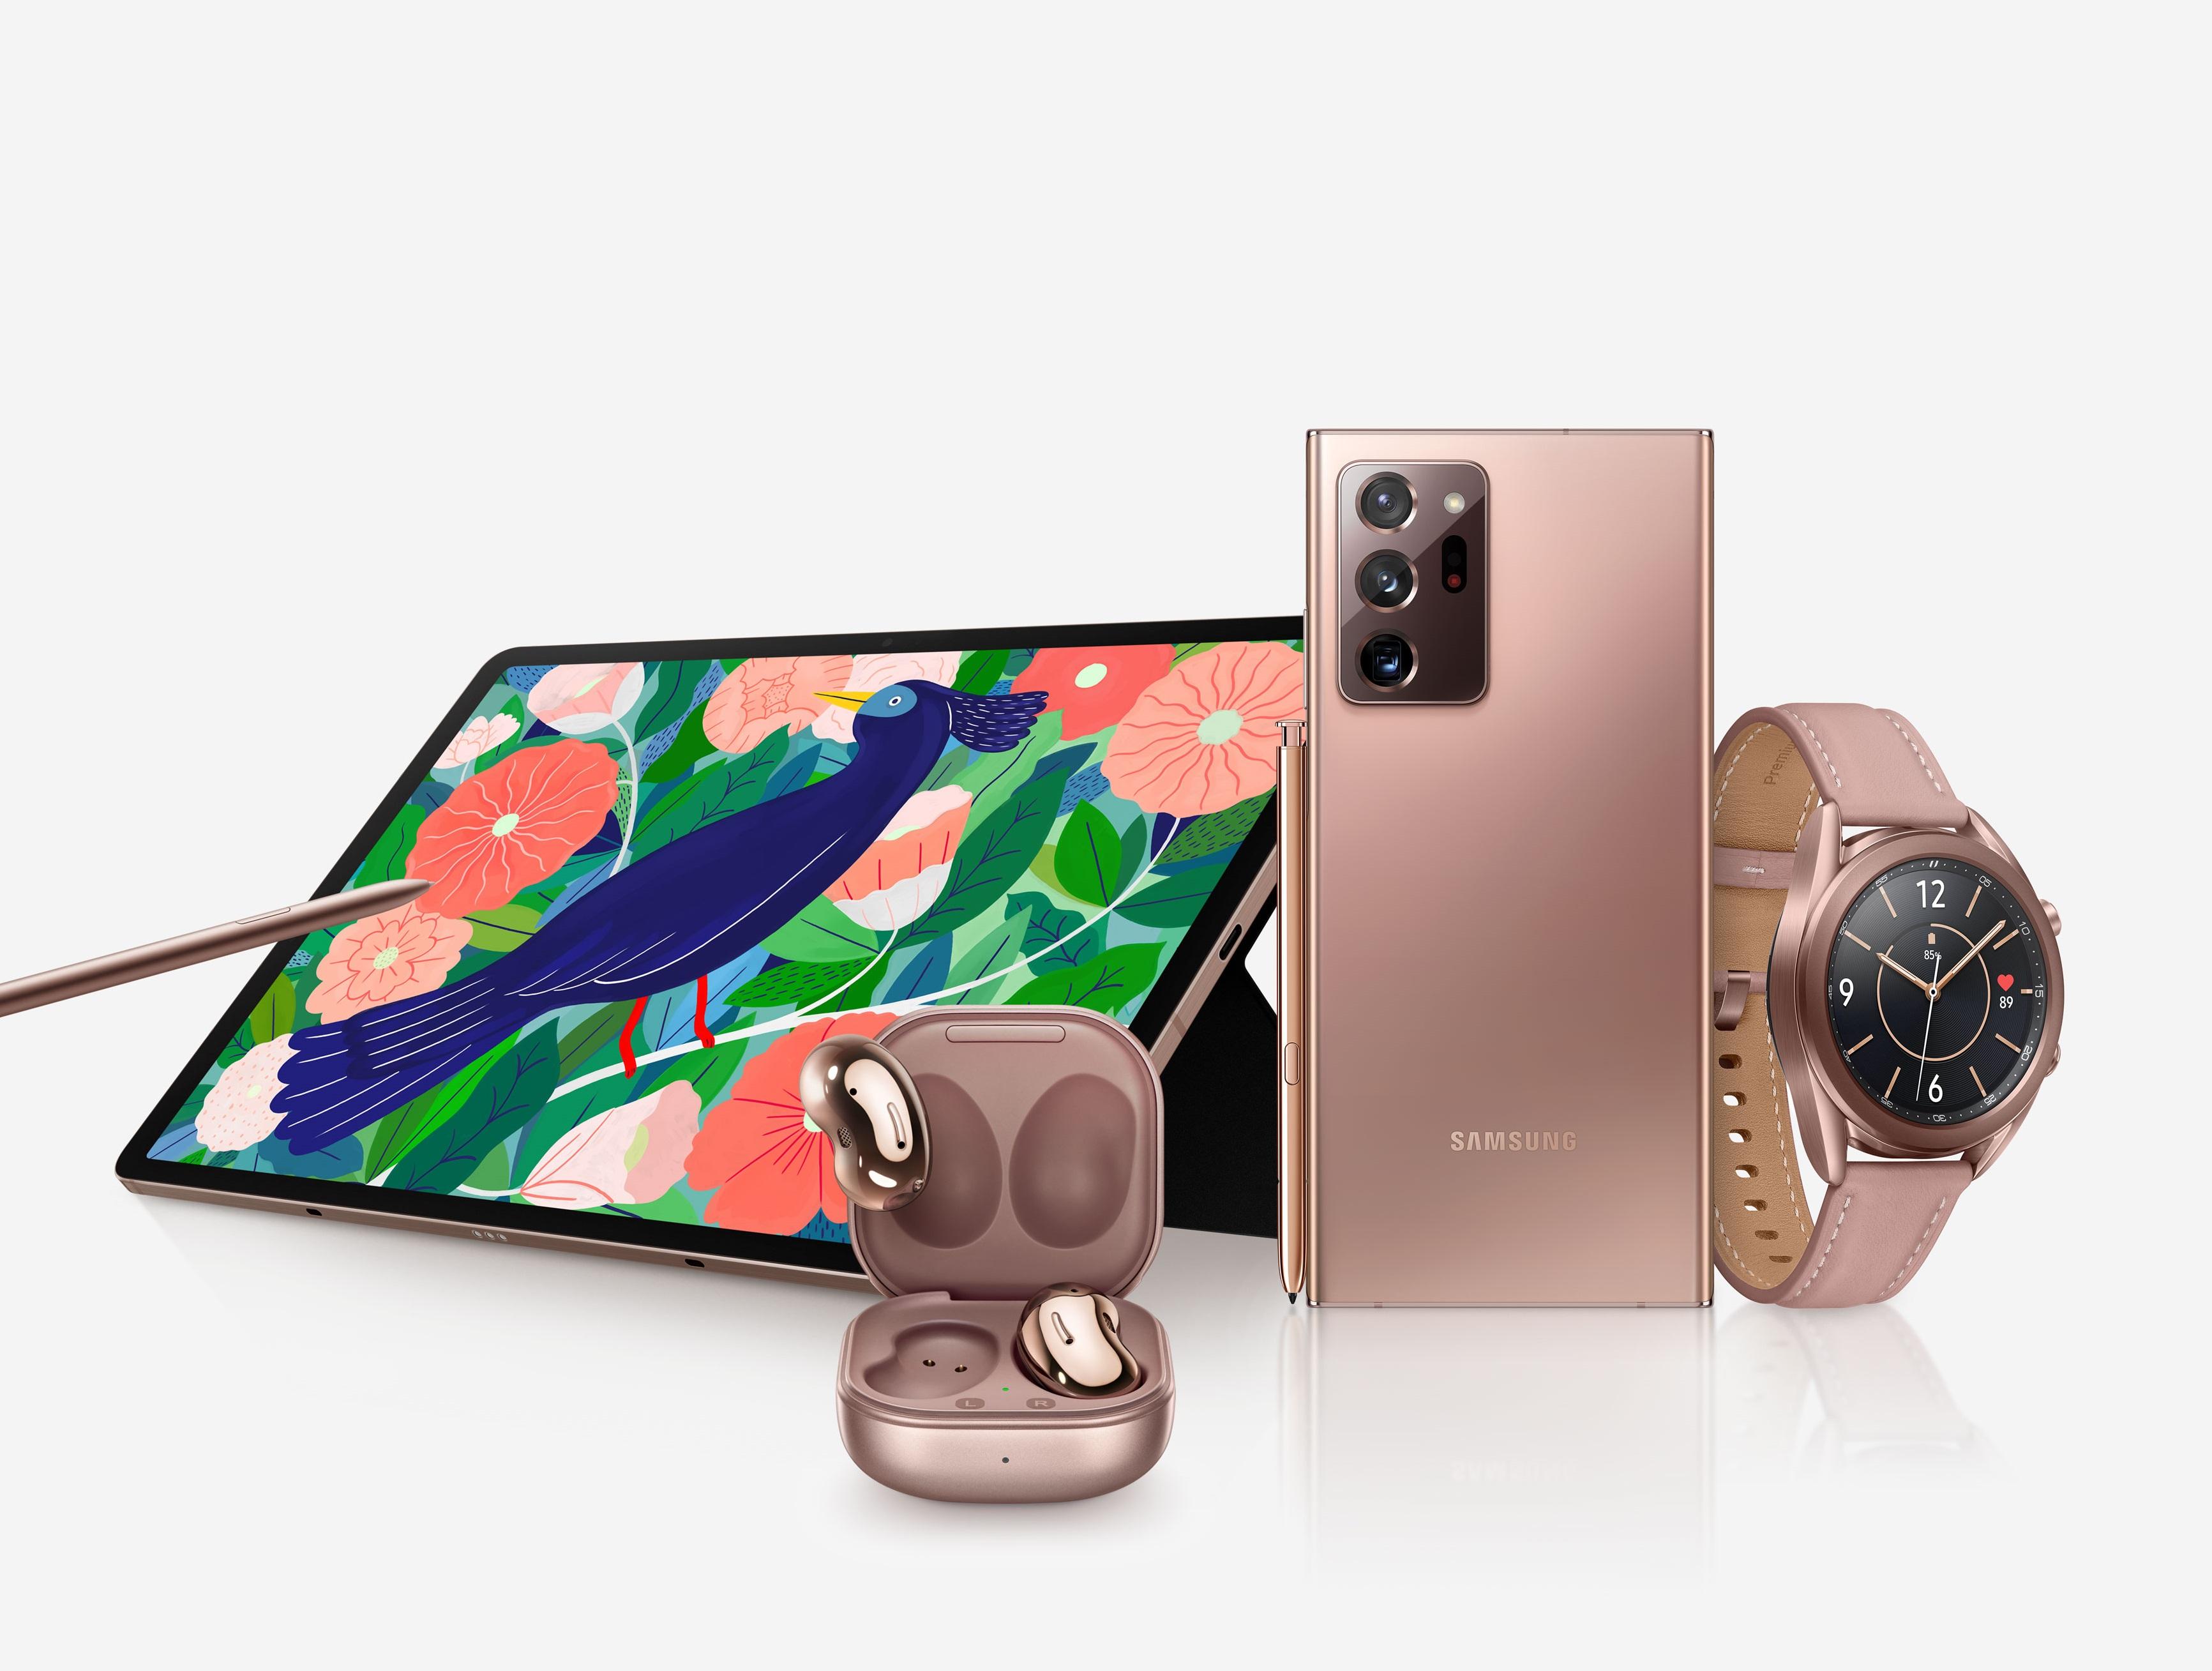 Устройства Samsung Galaxy нового поколения поступили в продажу в России